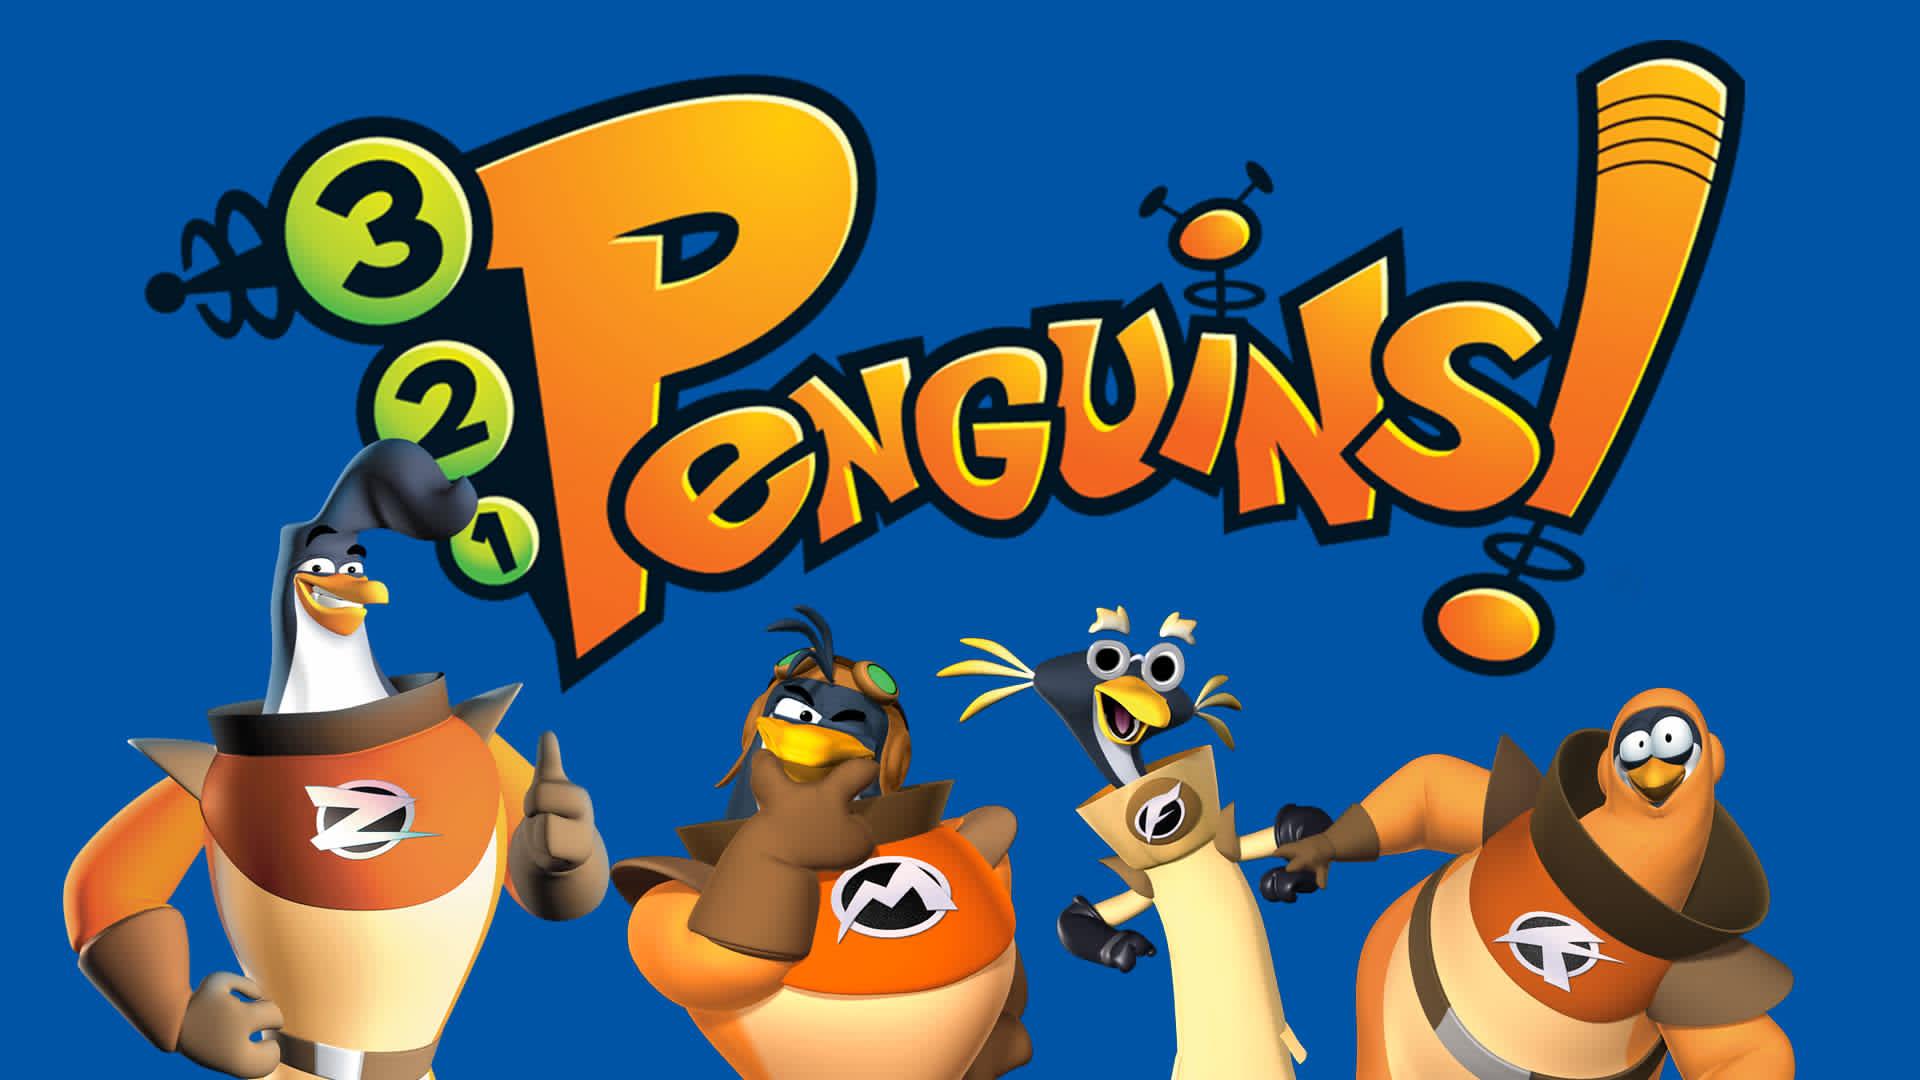 321-penguins-logo.jpg